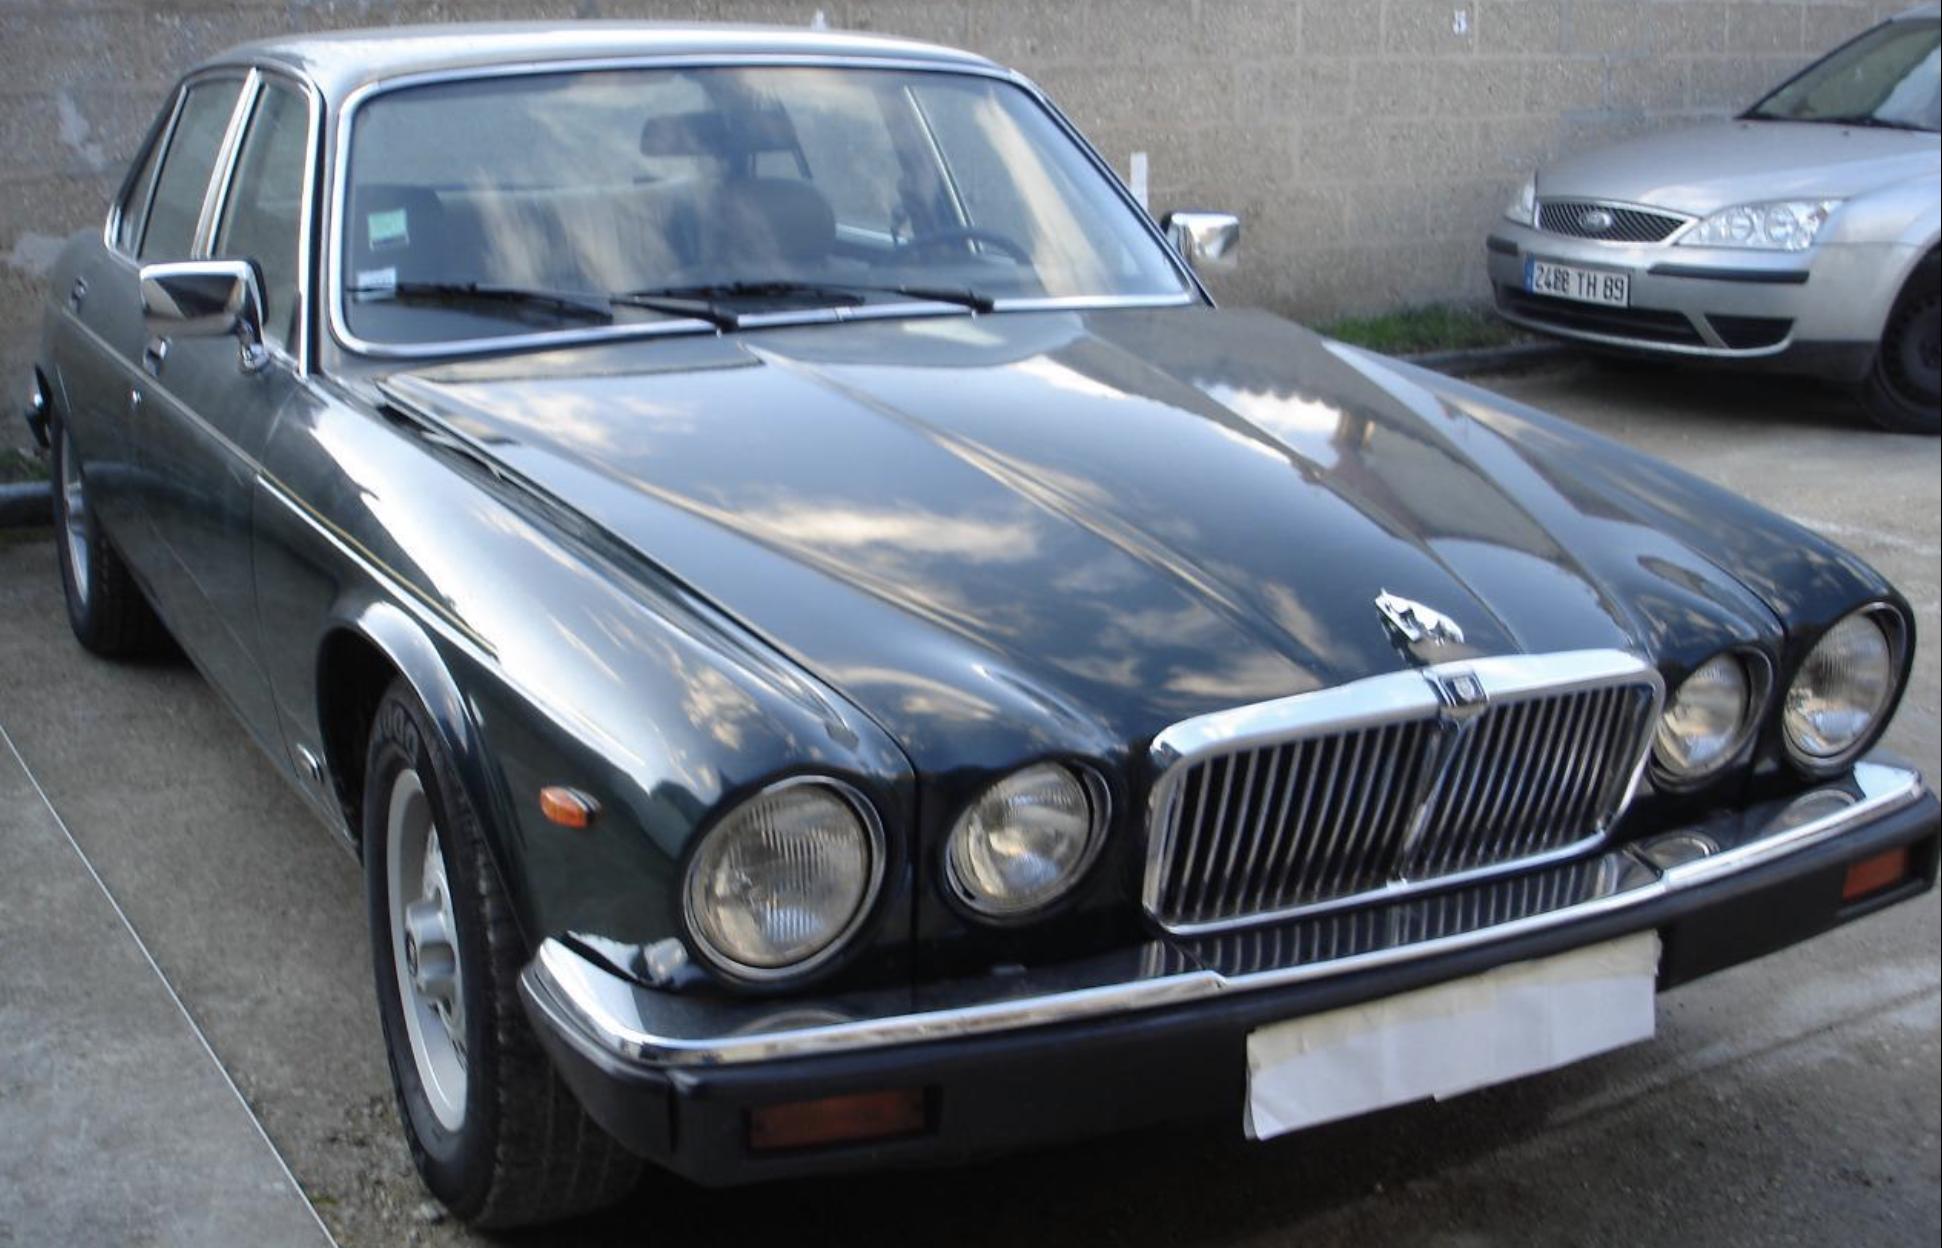 Pourquoi Pyla Classic Cars vend quelques voitures modernes